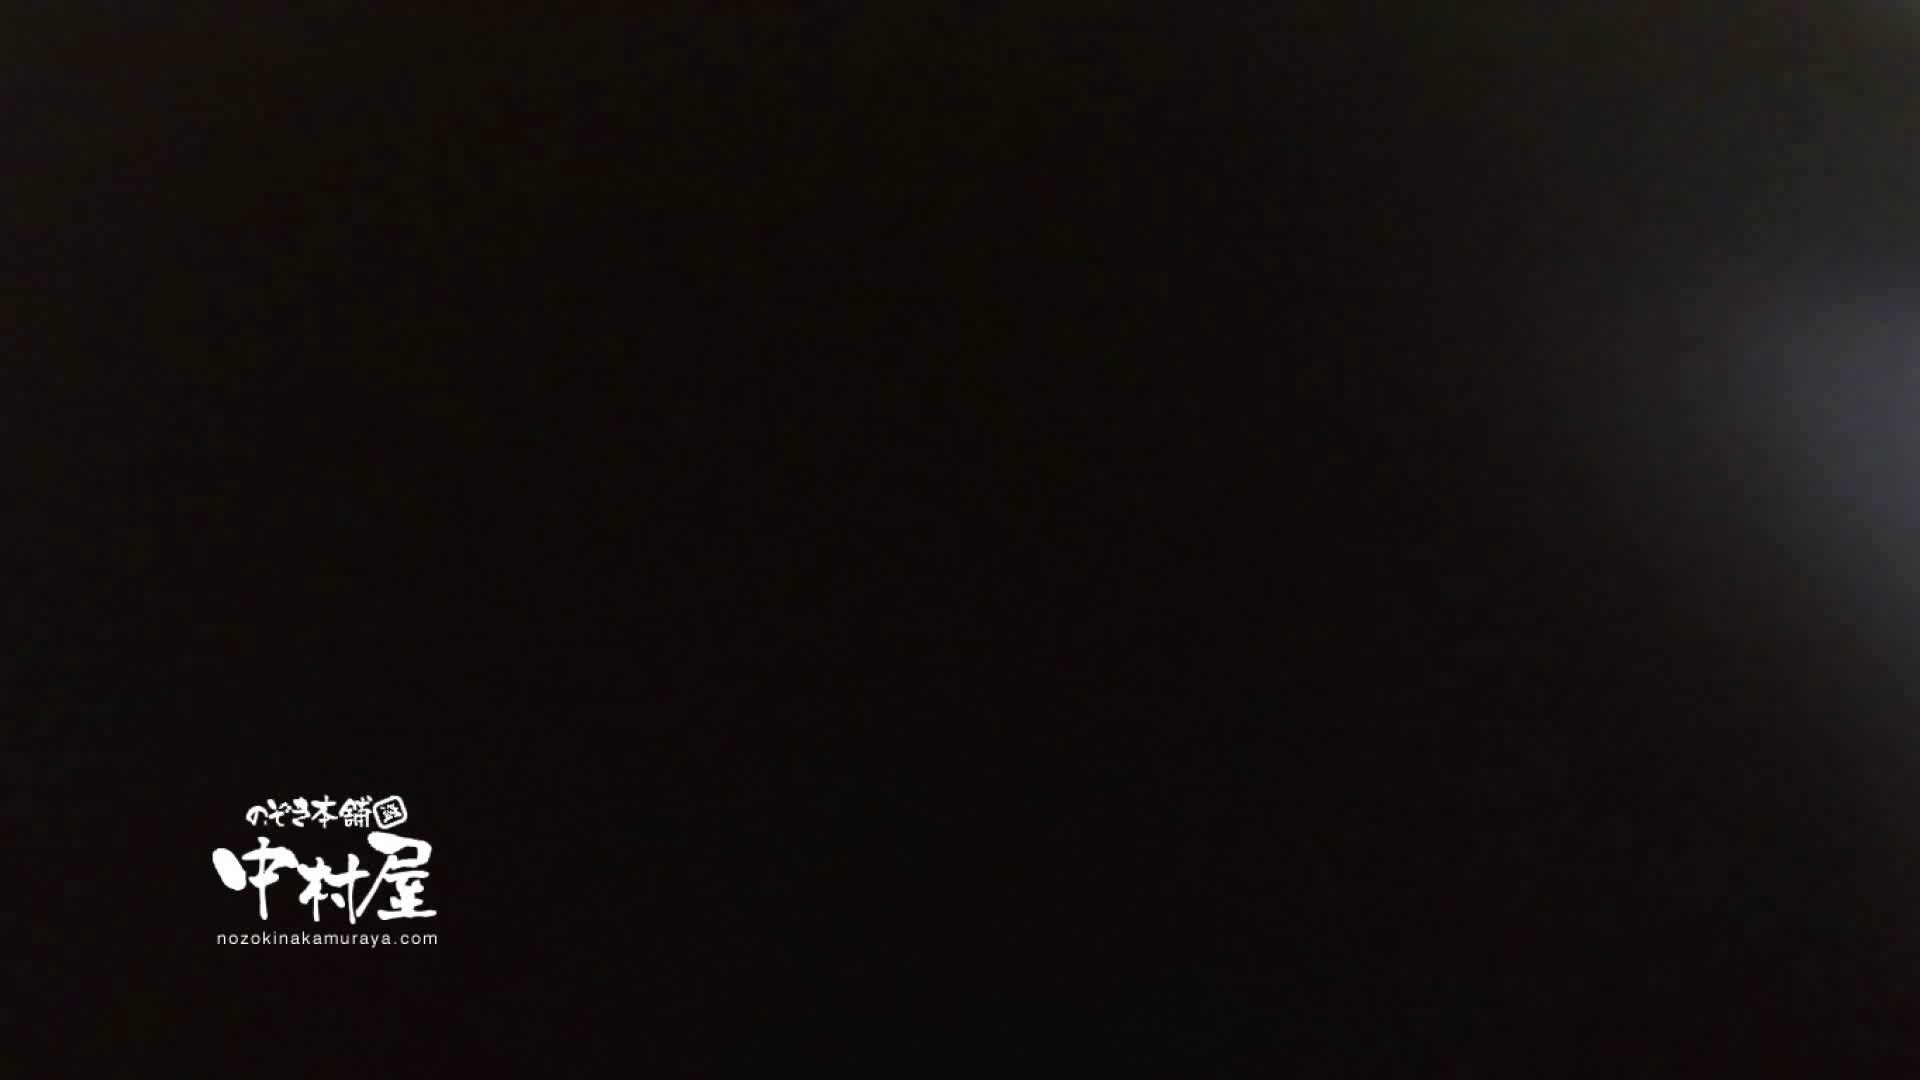 鬼畜 vol.07 パイパンだと?!中出ししてやる! 後編 パイパン  81PIX 69